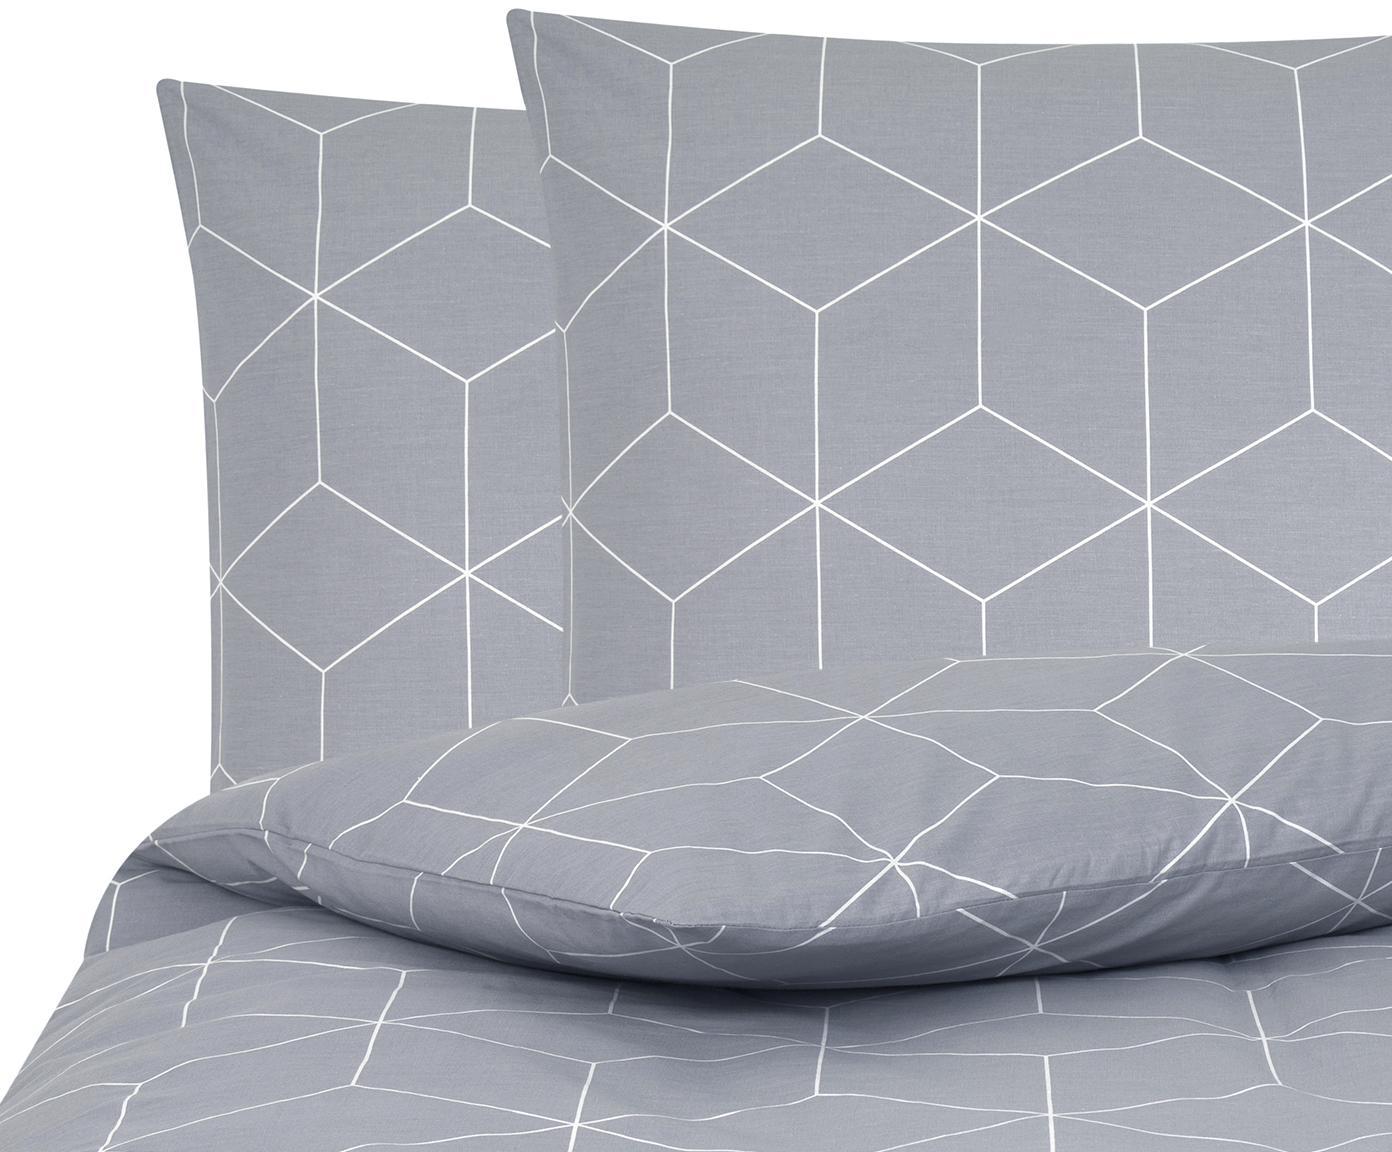 Baumwoll-Bettwäsche Lynn mit grafischem Muster, Webart: Renforcé Fadendichte 144 , Grau, Cremeweiß, 200 x 200 cm + 2 Kissen 80 x 80 cm